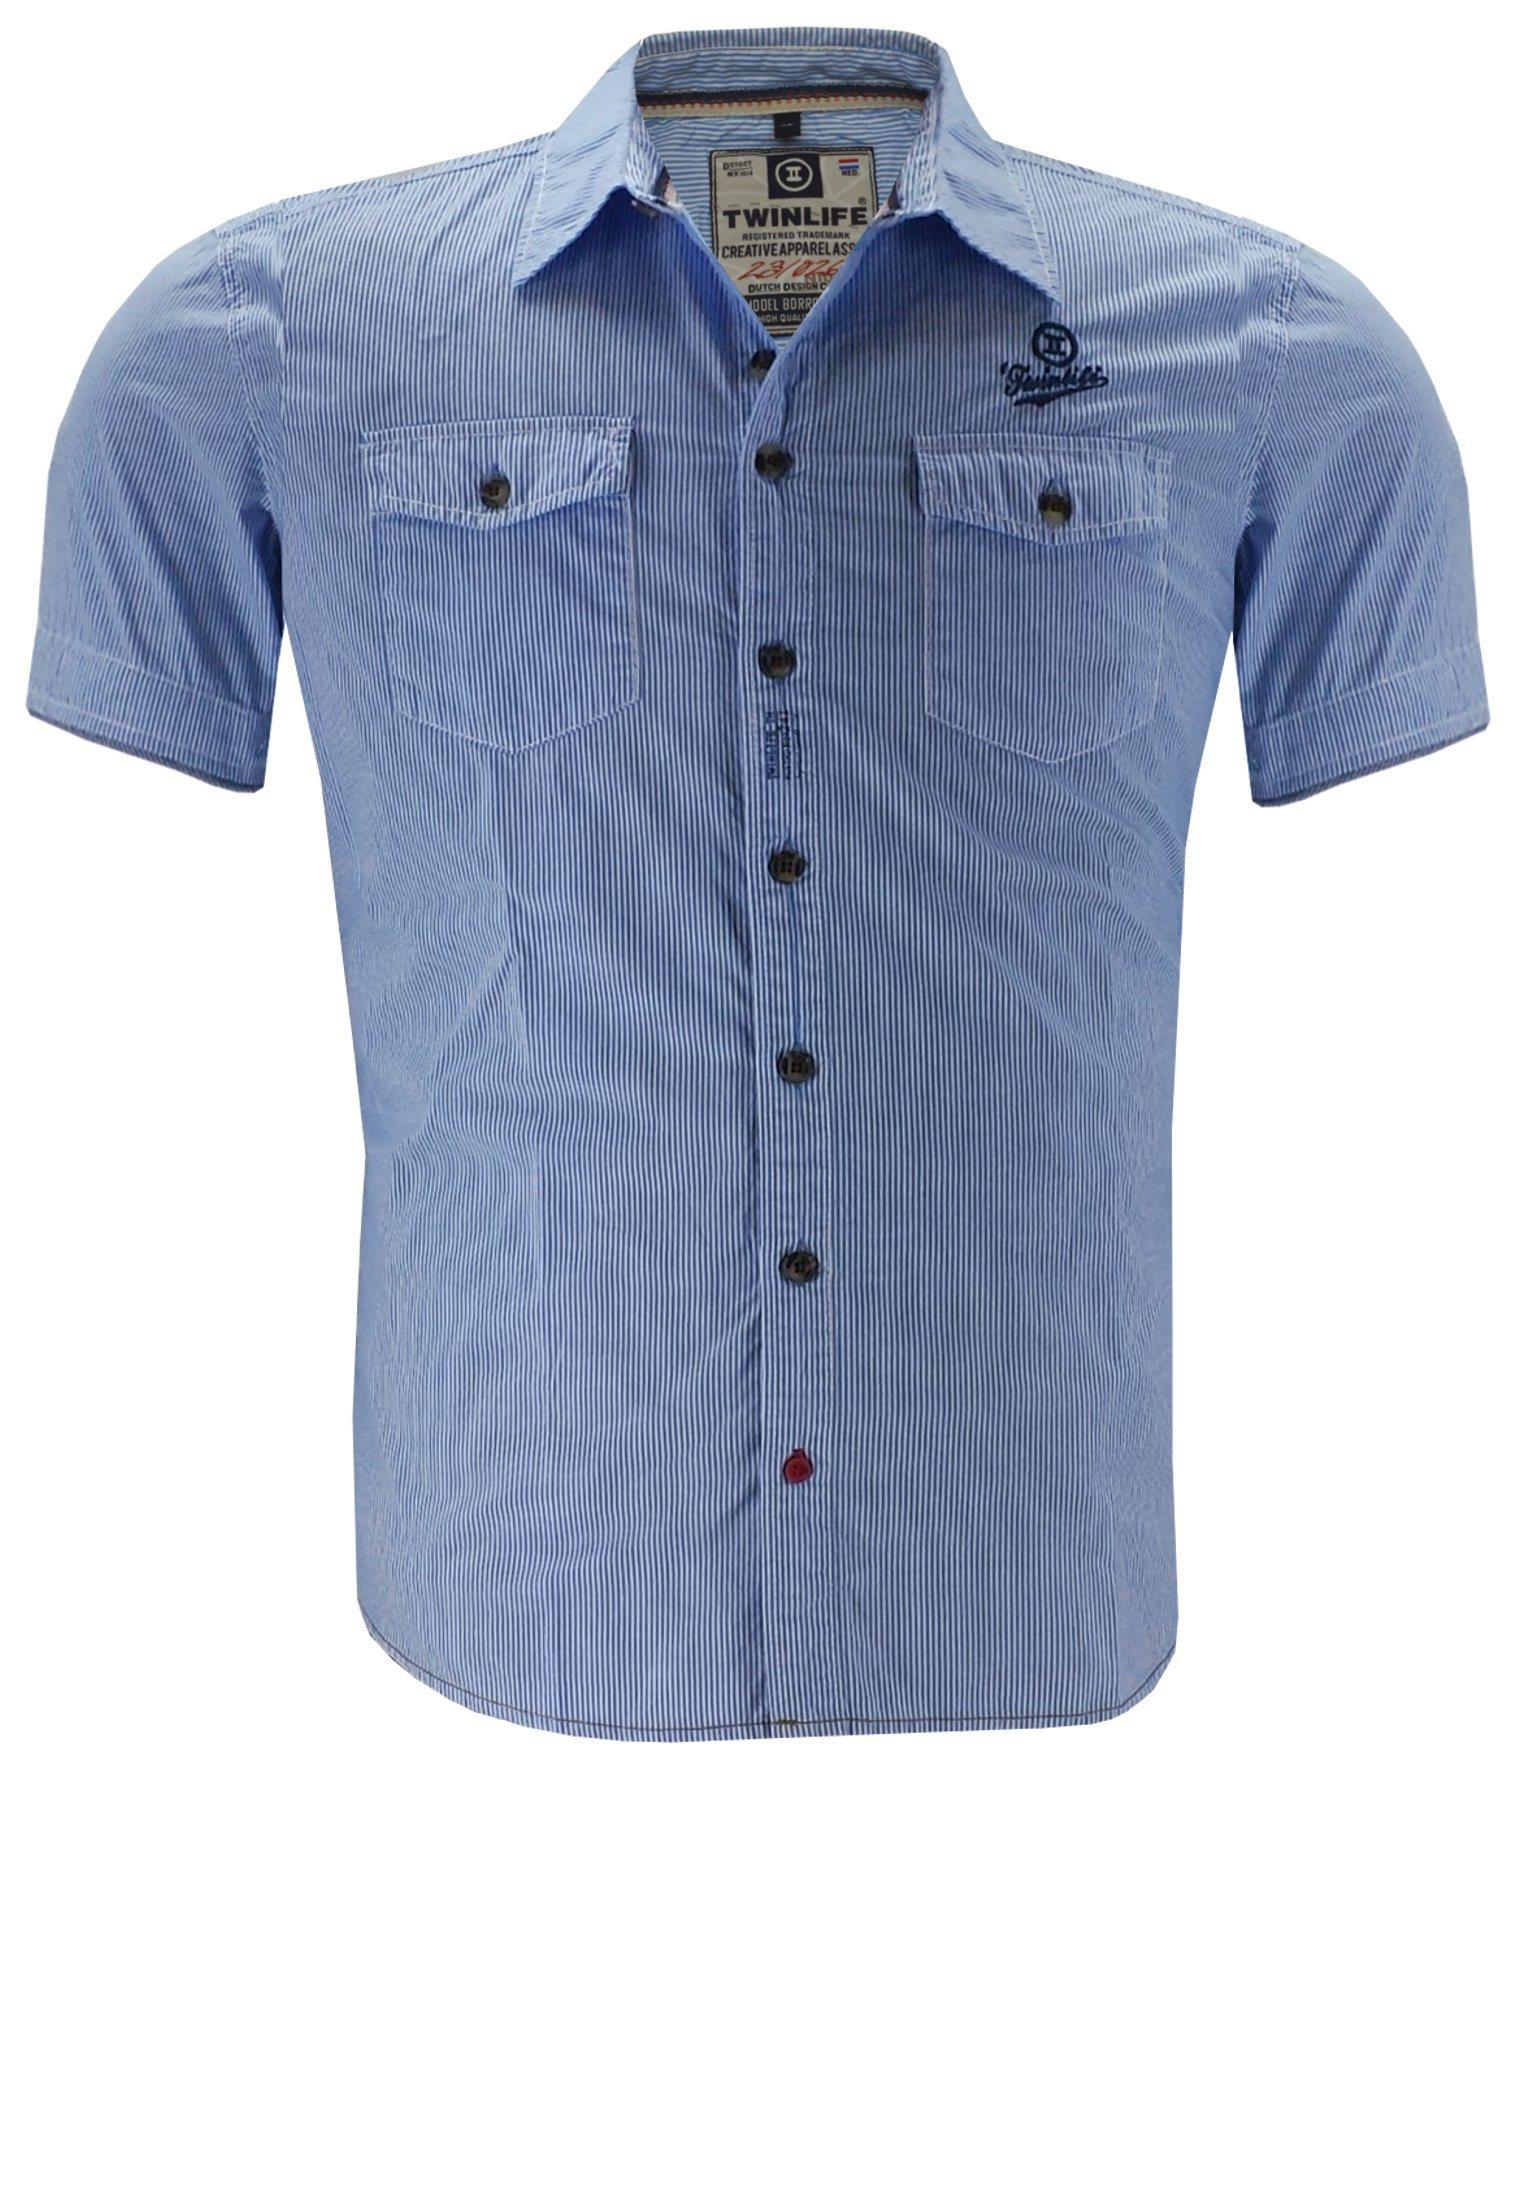 Herren twinlife Kurzarmhemd blau | 08718617131865